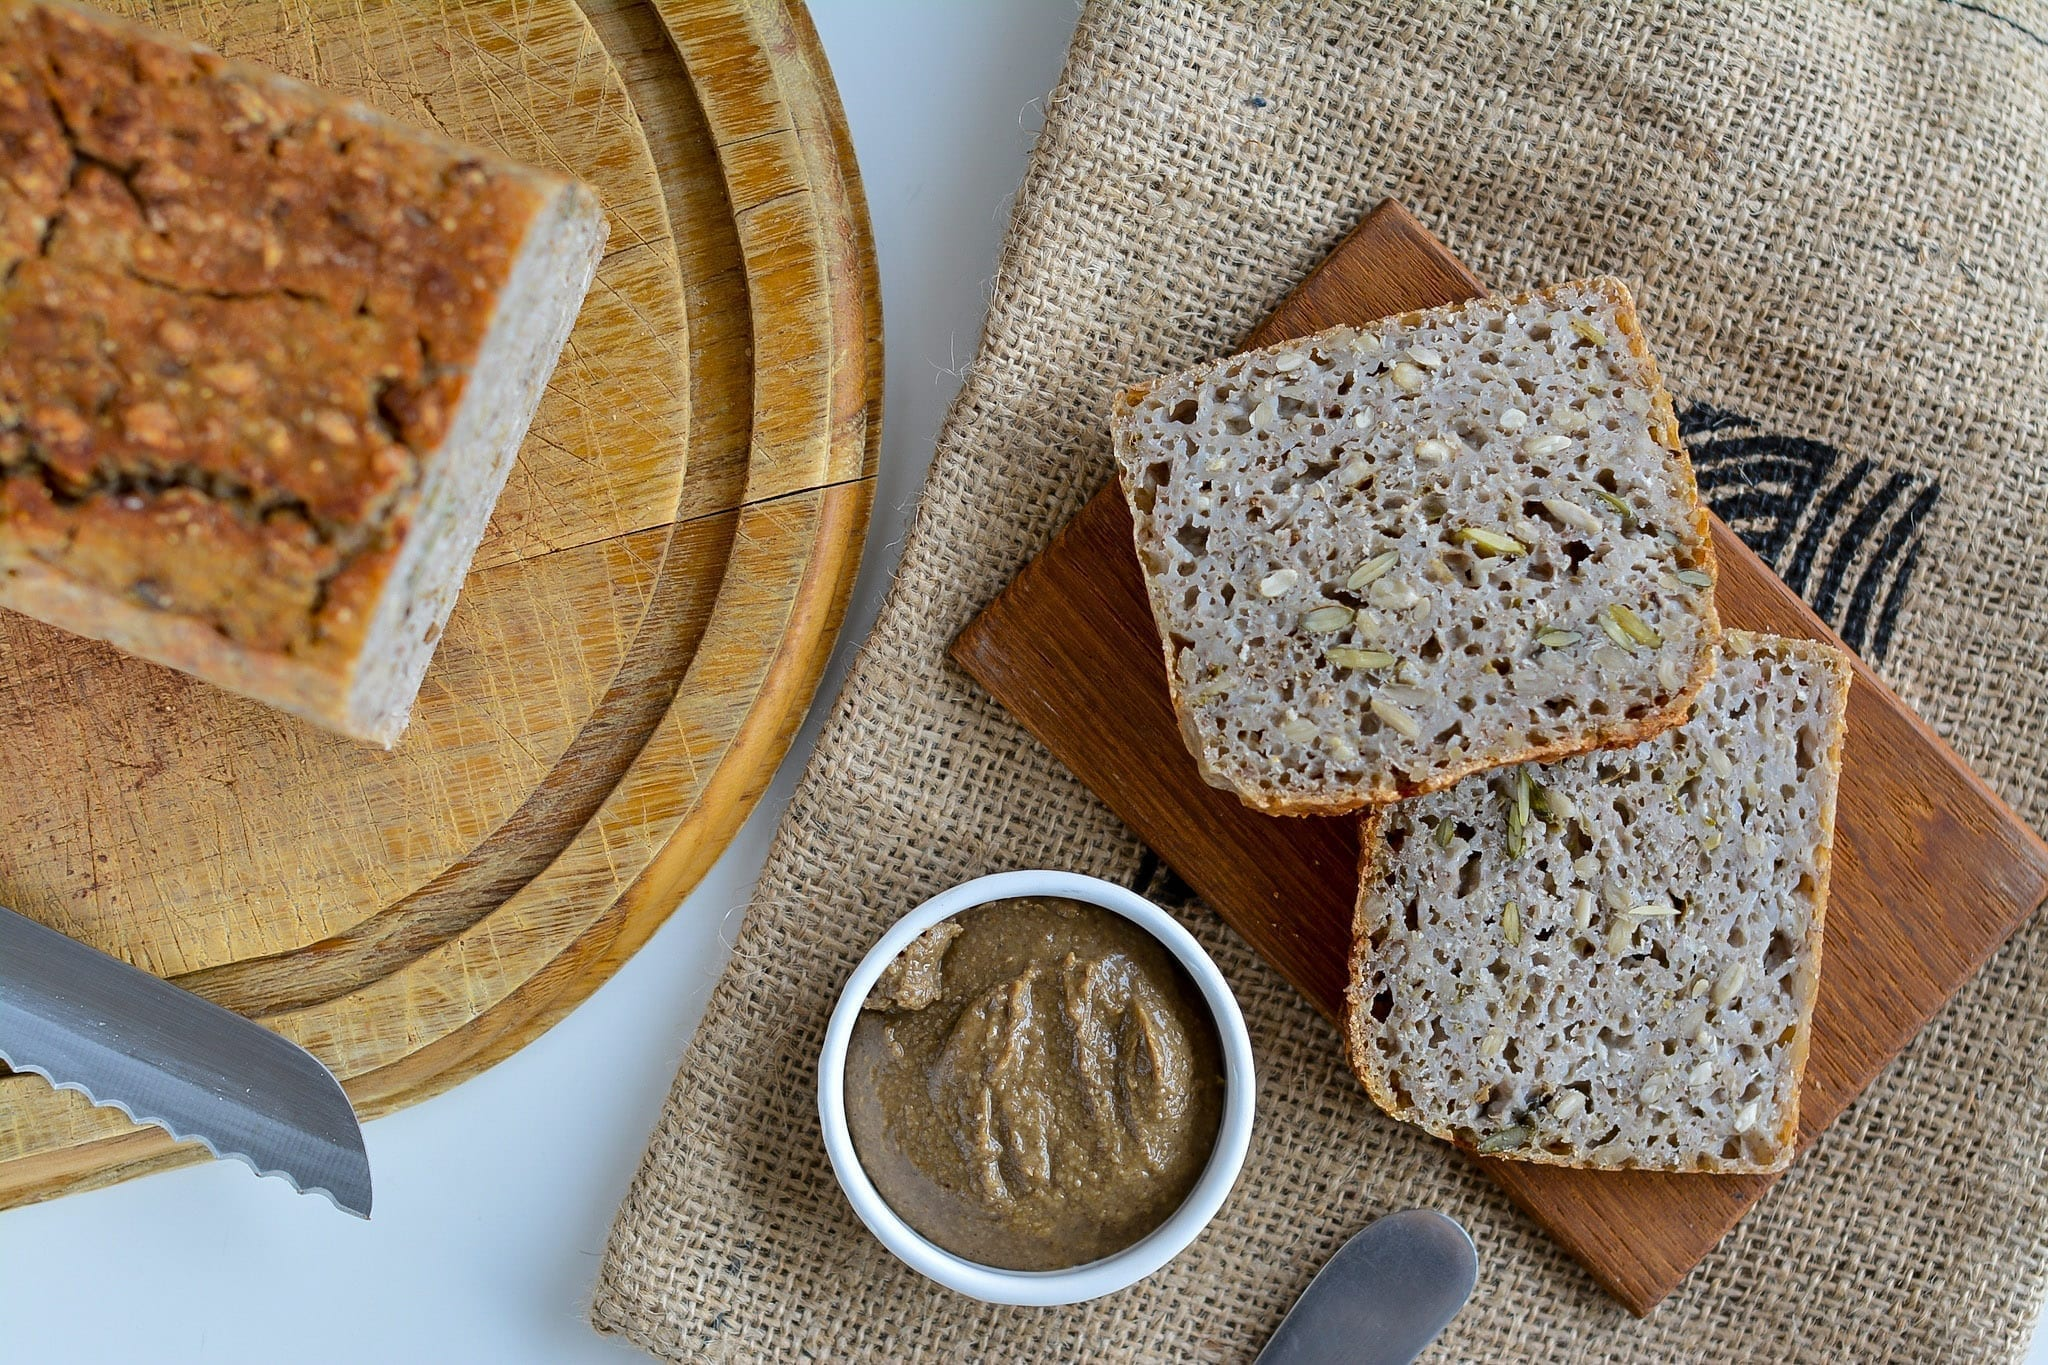 Fermented Gluten Free Buckwheat Bread Yeast Free Video